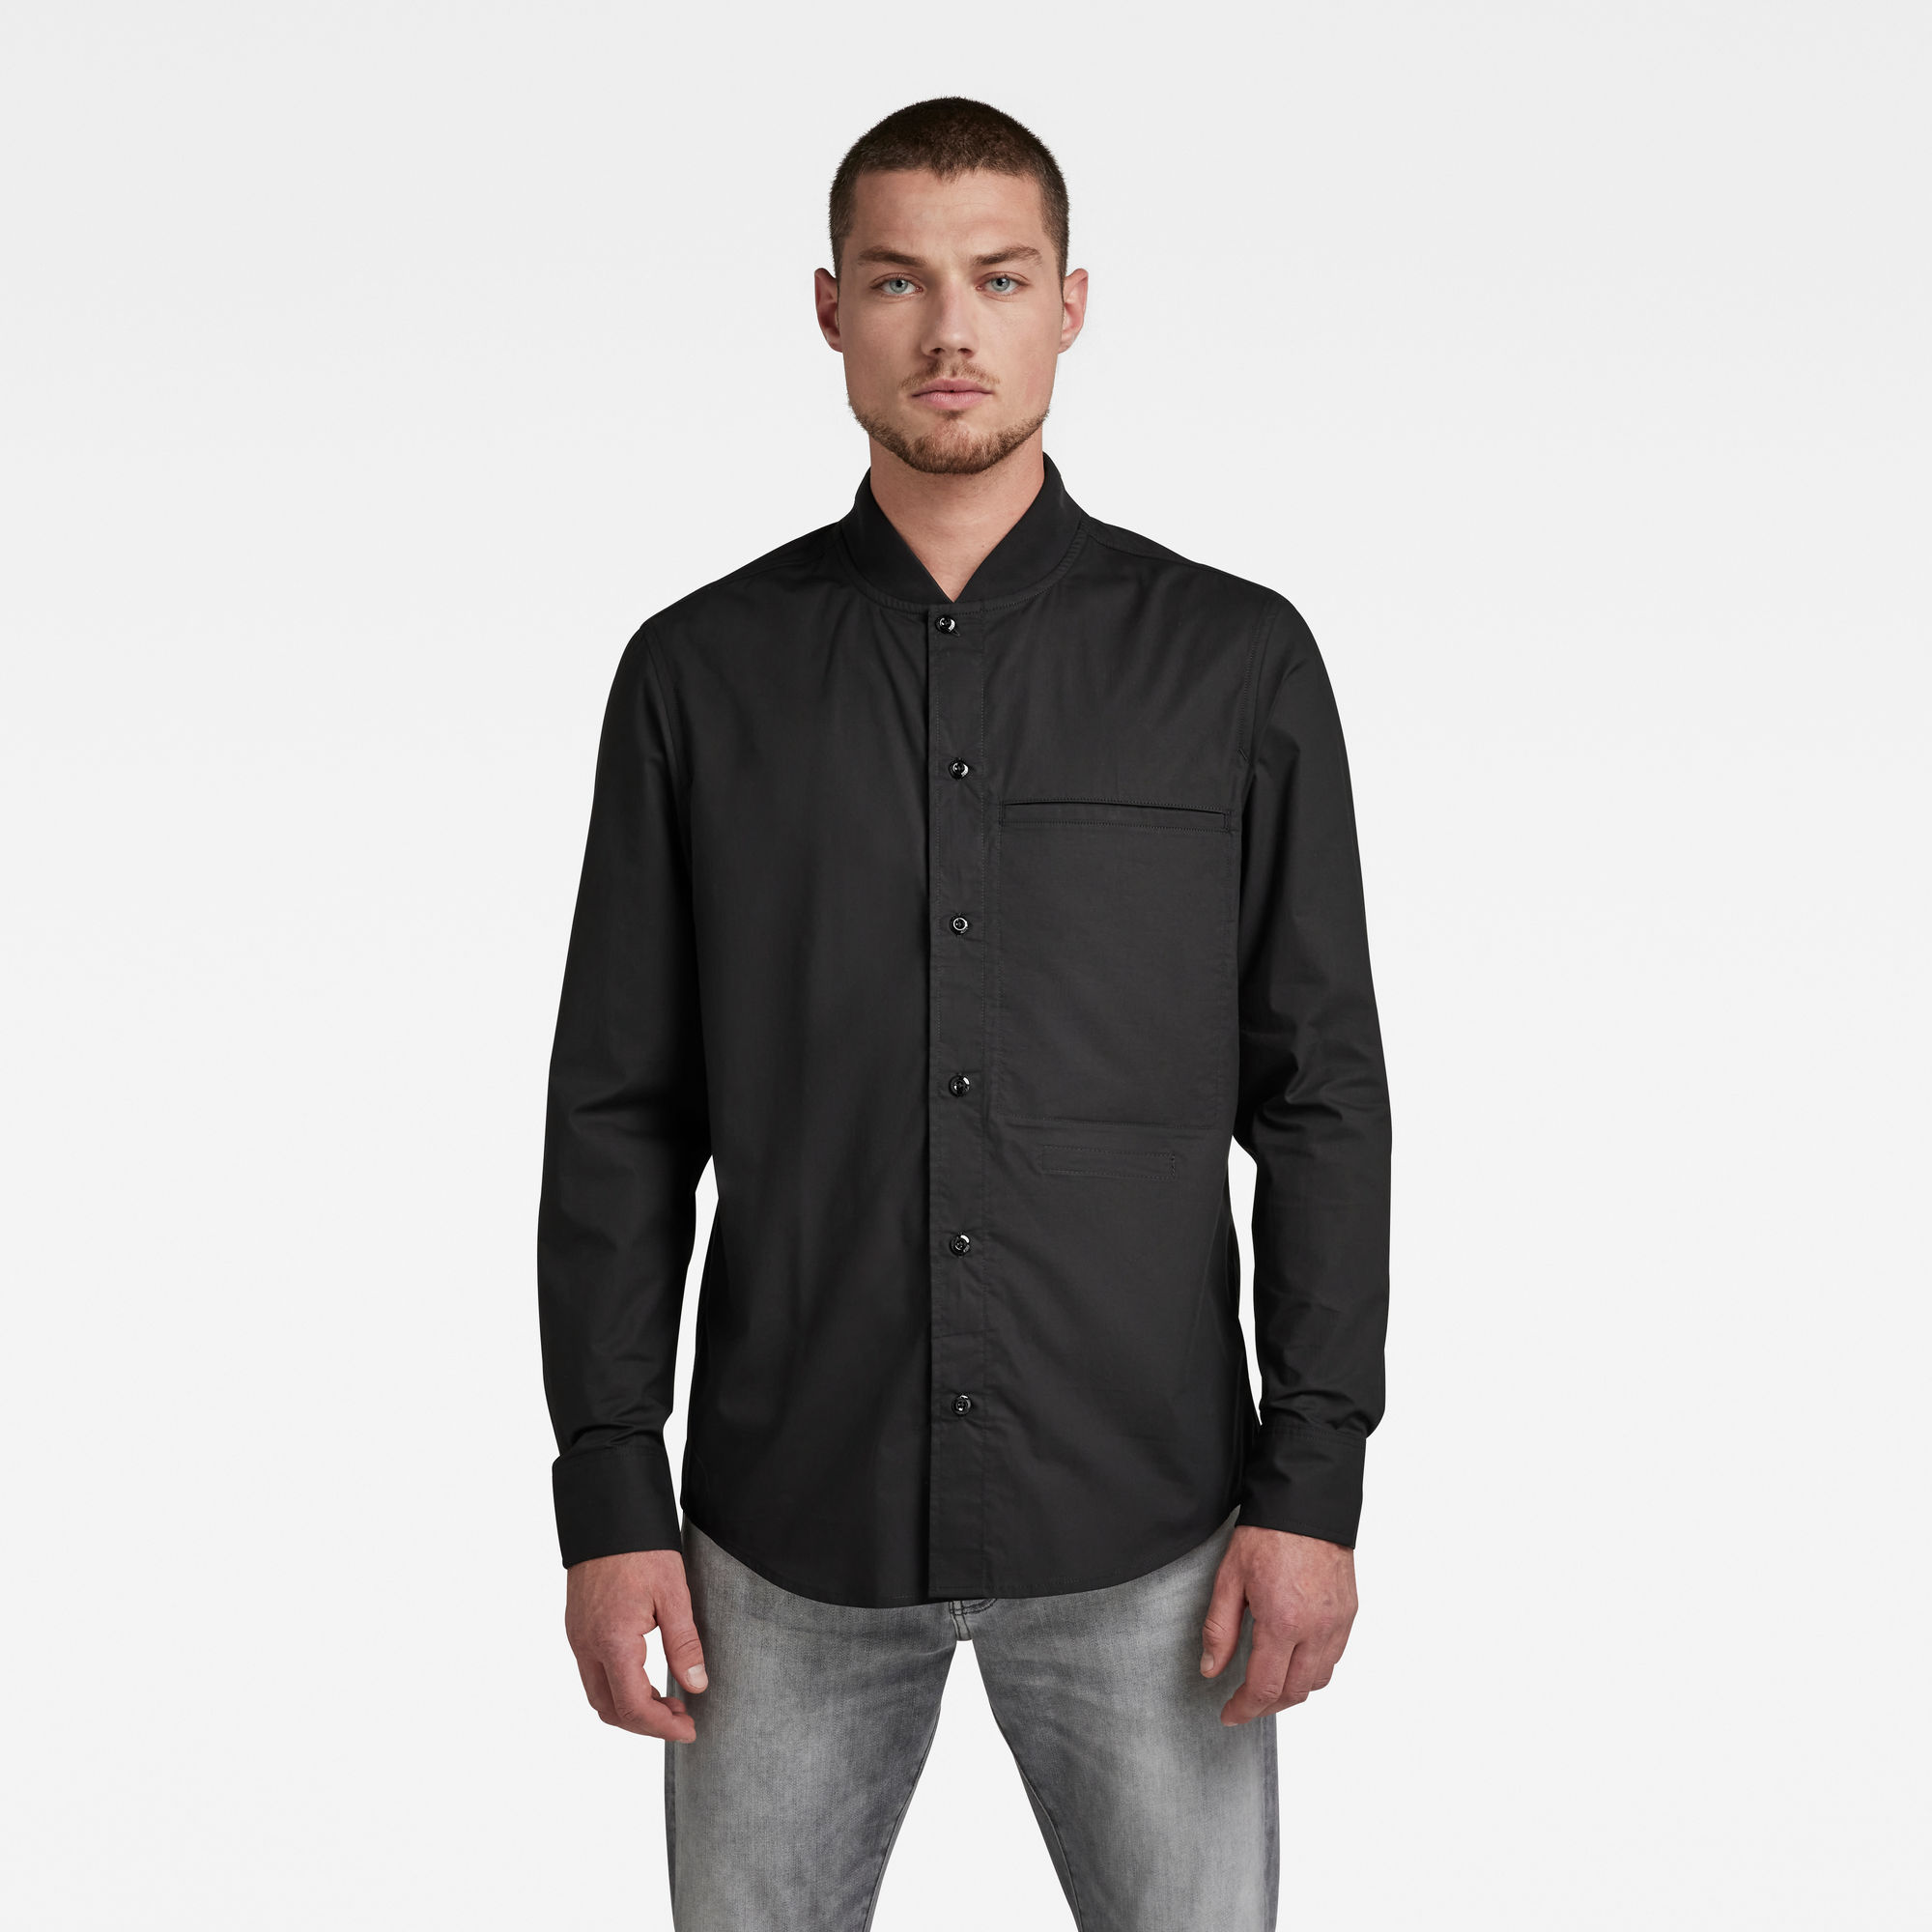 G-Star RAW Heren Regular Shirt Bomber Collar Zwart